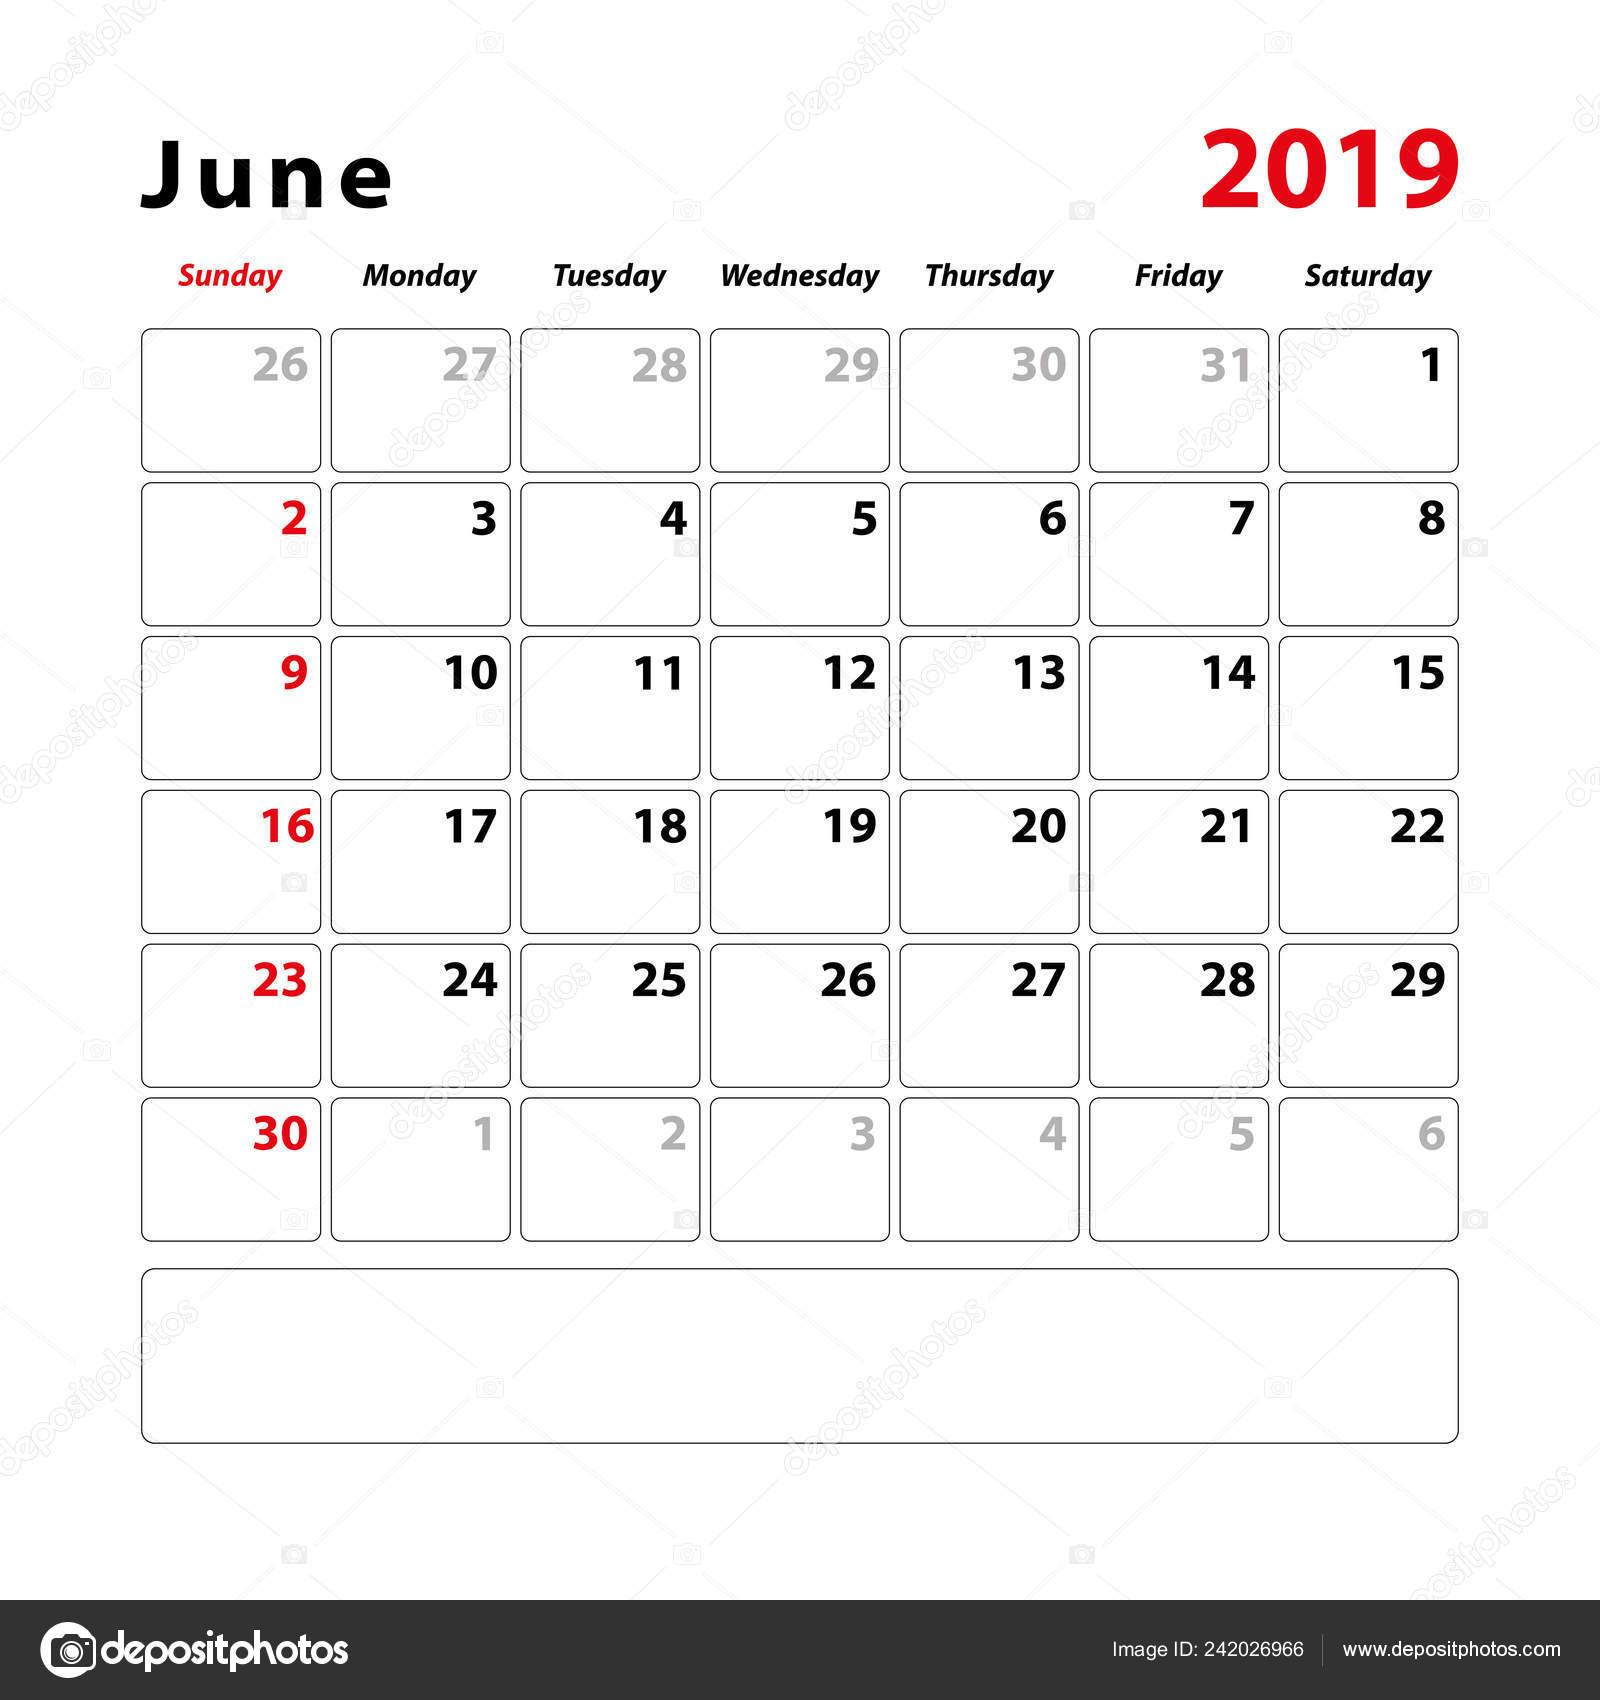 Calendario Mese Giugno.Foglio Del Calendario Mese Giugno 2019 Spazio Note Testo